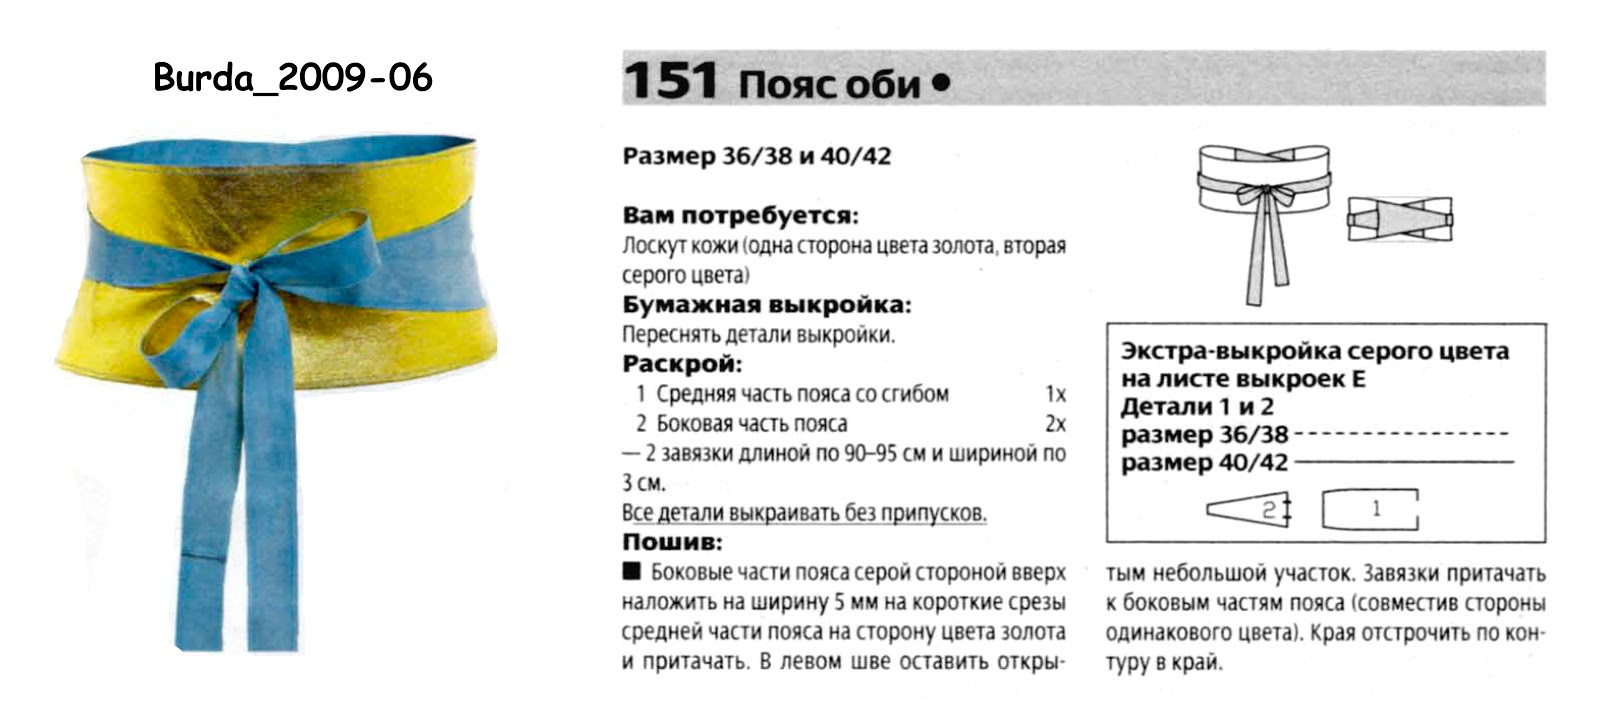 Пояс для платья своими руками из ткани: как сшить с фото и видео 32